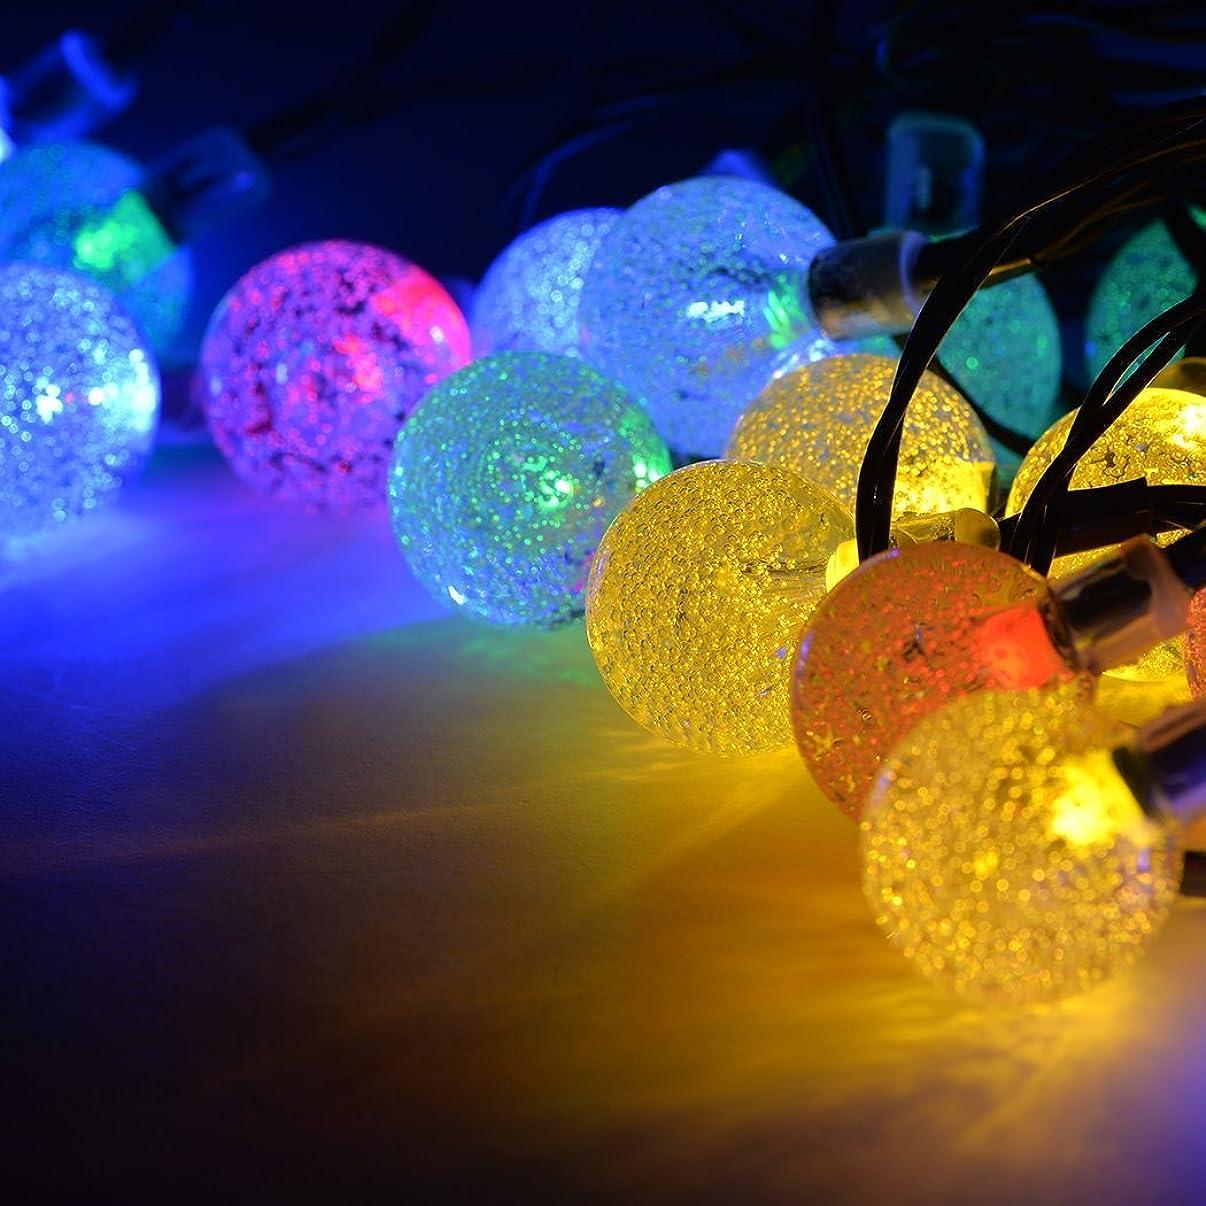 割るボックス講師ソーラーLEDイルミネーションライト バブル型 7m 30球 クリスマス 新年 誕生日 パーティ 装飾 マルチカラー